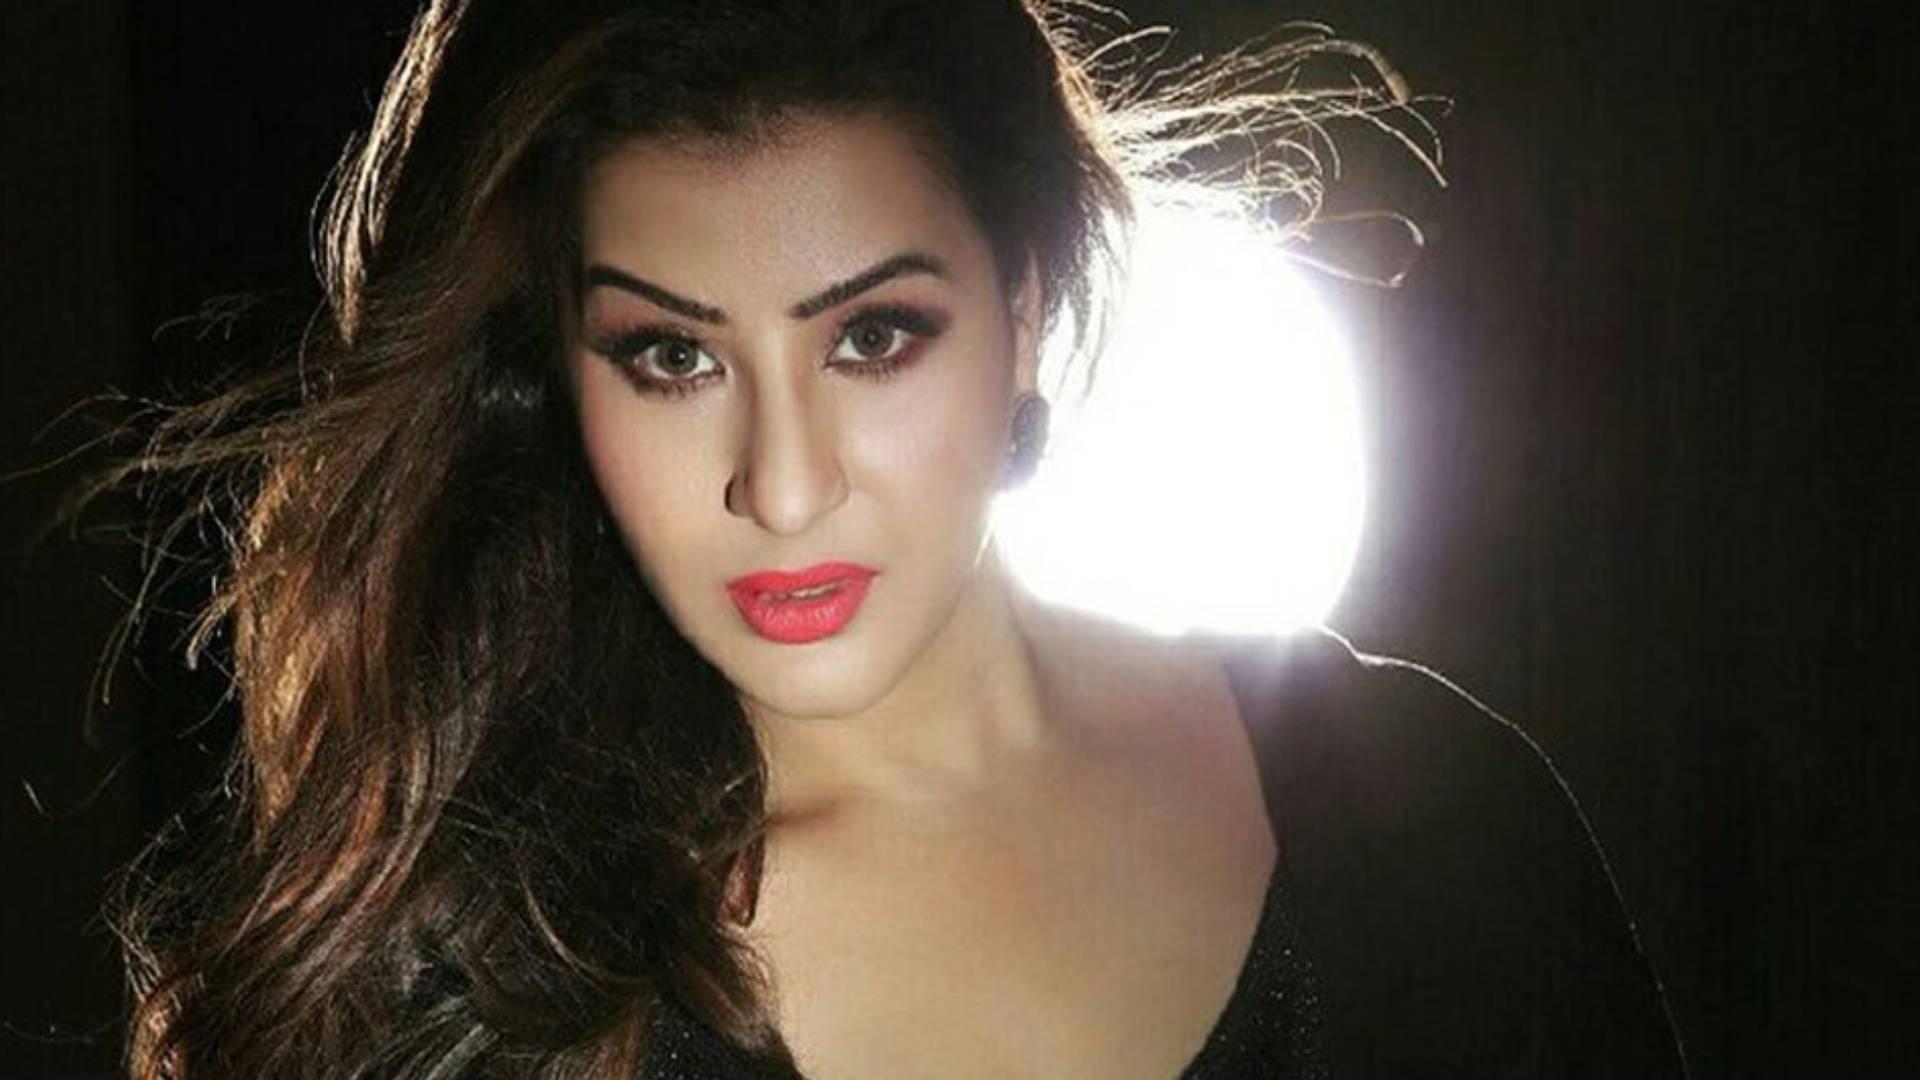 दीपिका ककर से तुलना होने पर भड़की शिल्पा शिंदे, एक्ट्रेस ने लगाया कॉपी करने का आरोप